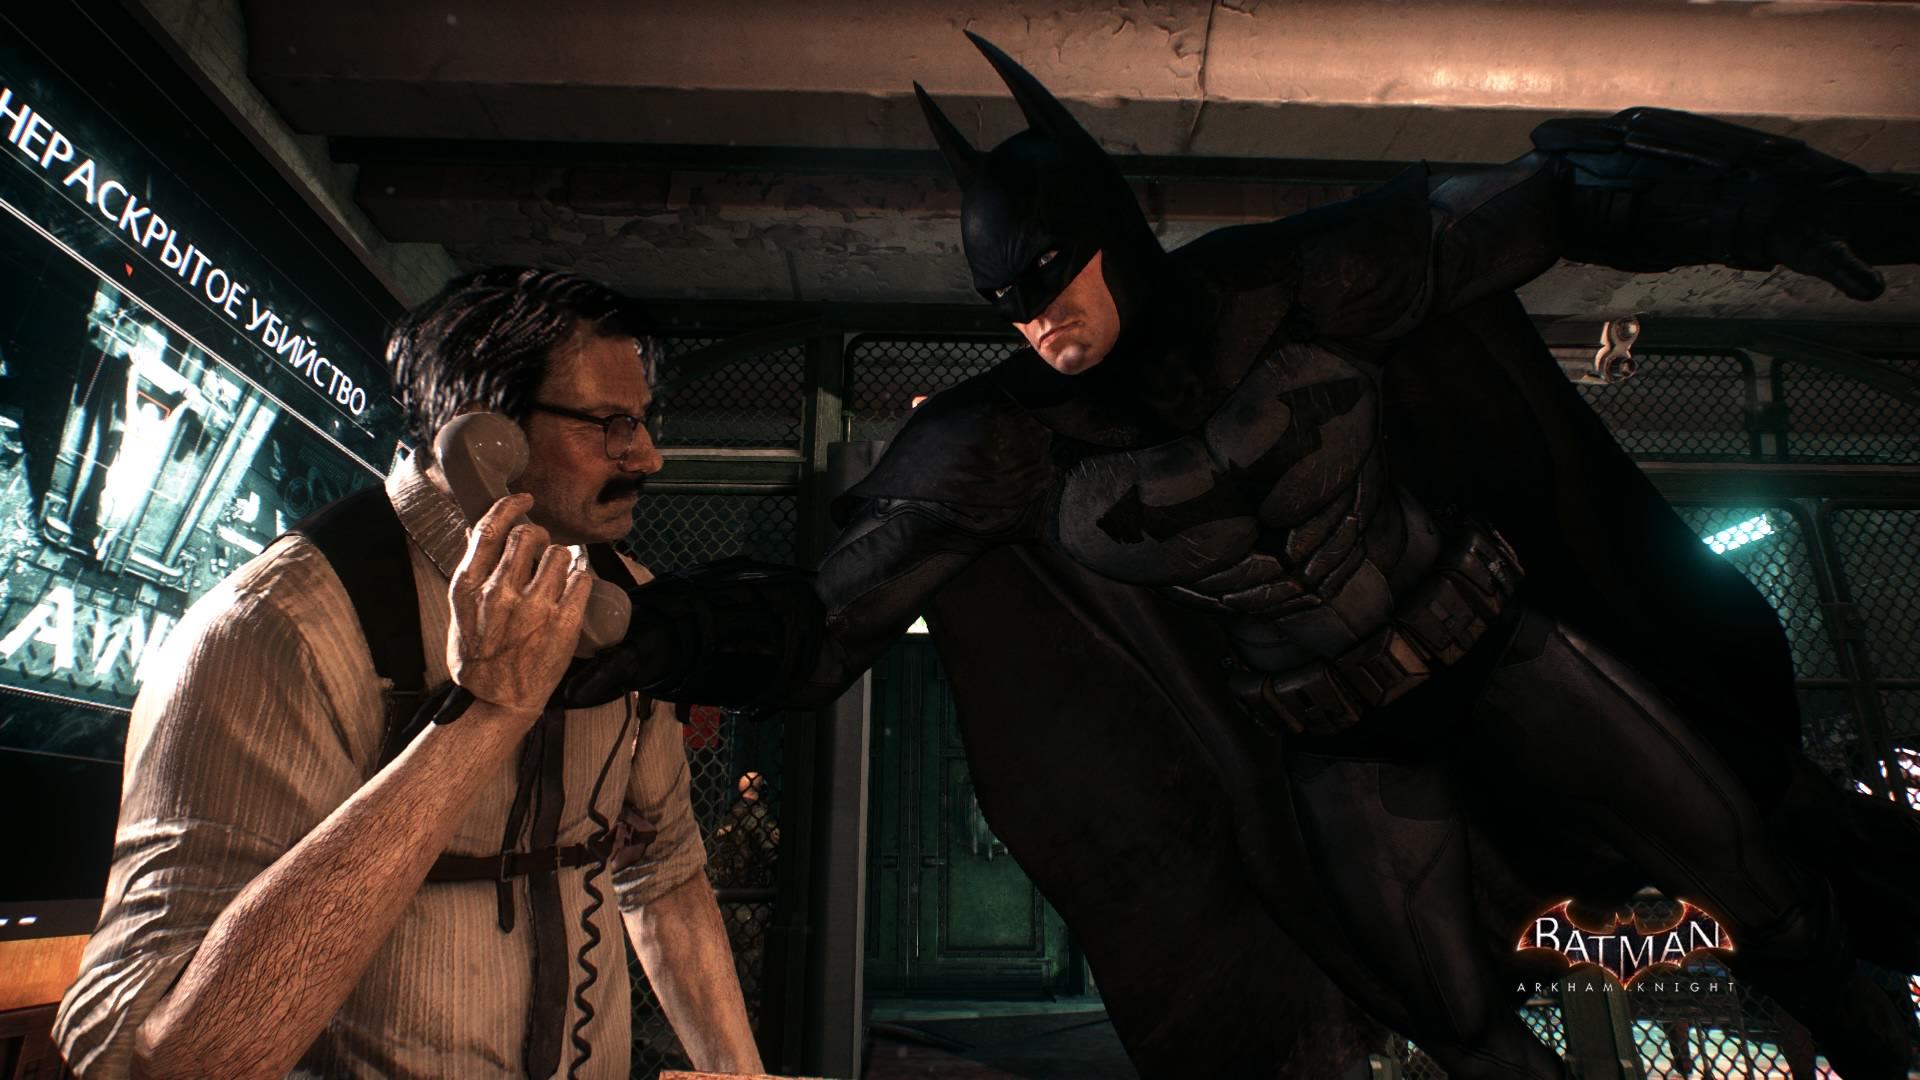 Бэтмен™_ Рыцарь Аркхема_20200204193658.jpg - Batman: Arkham Knight